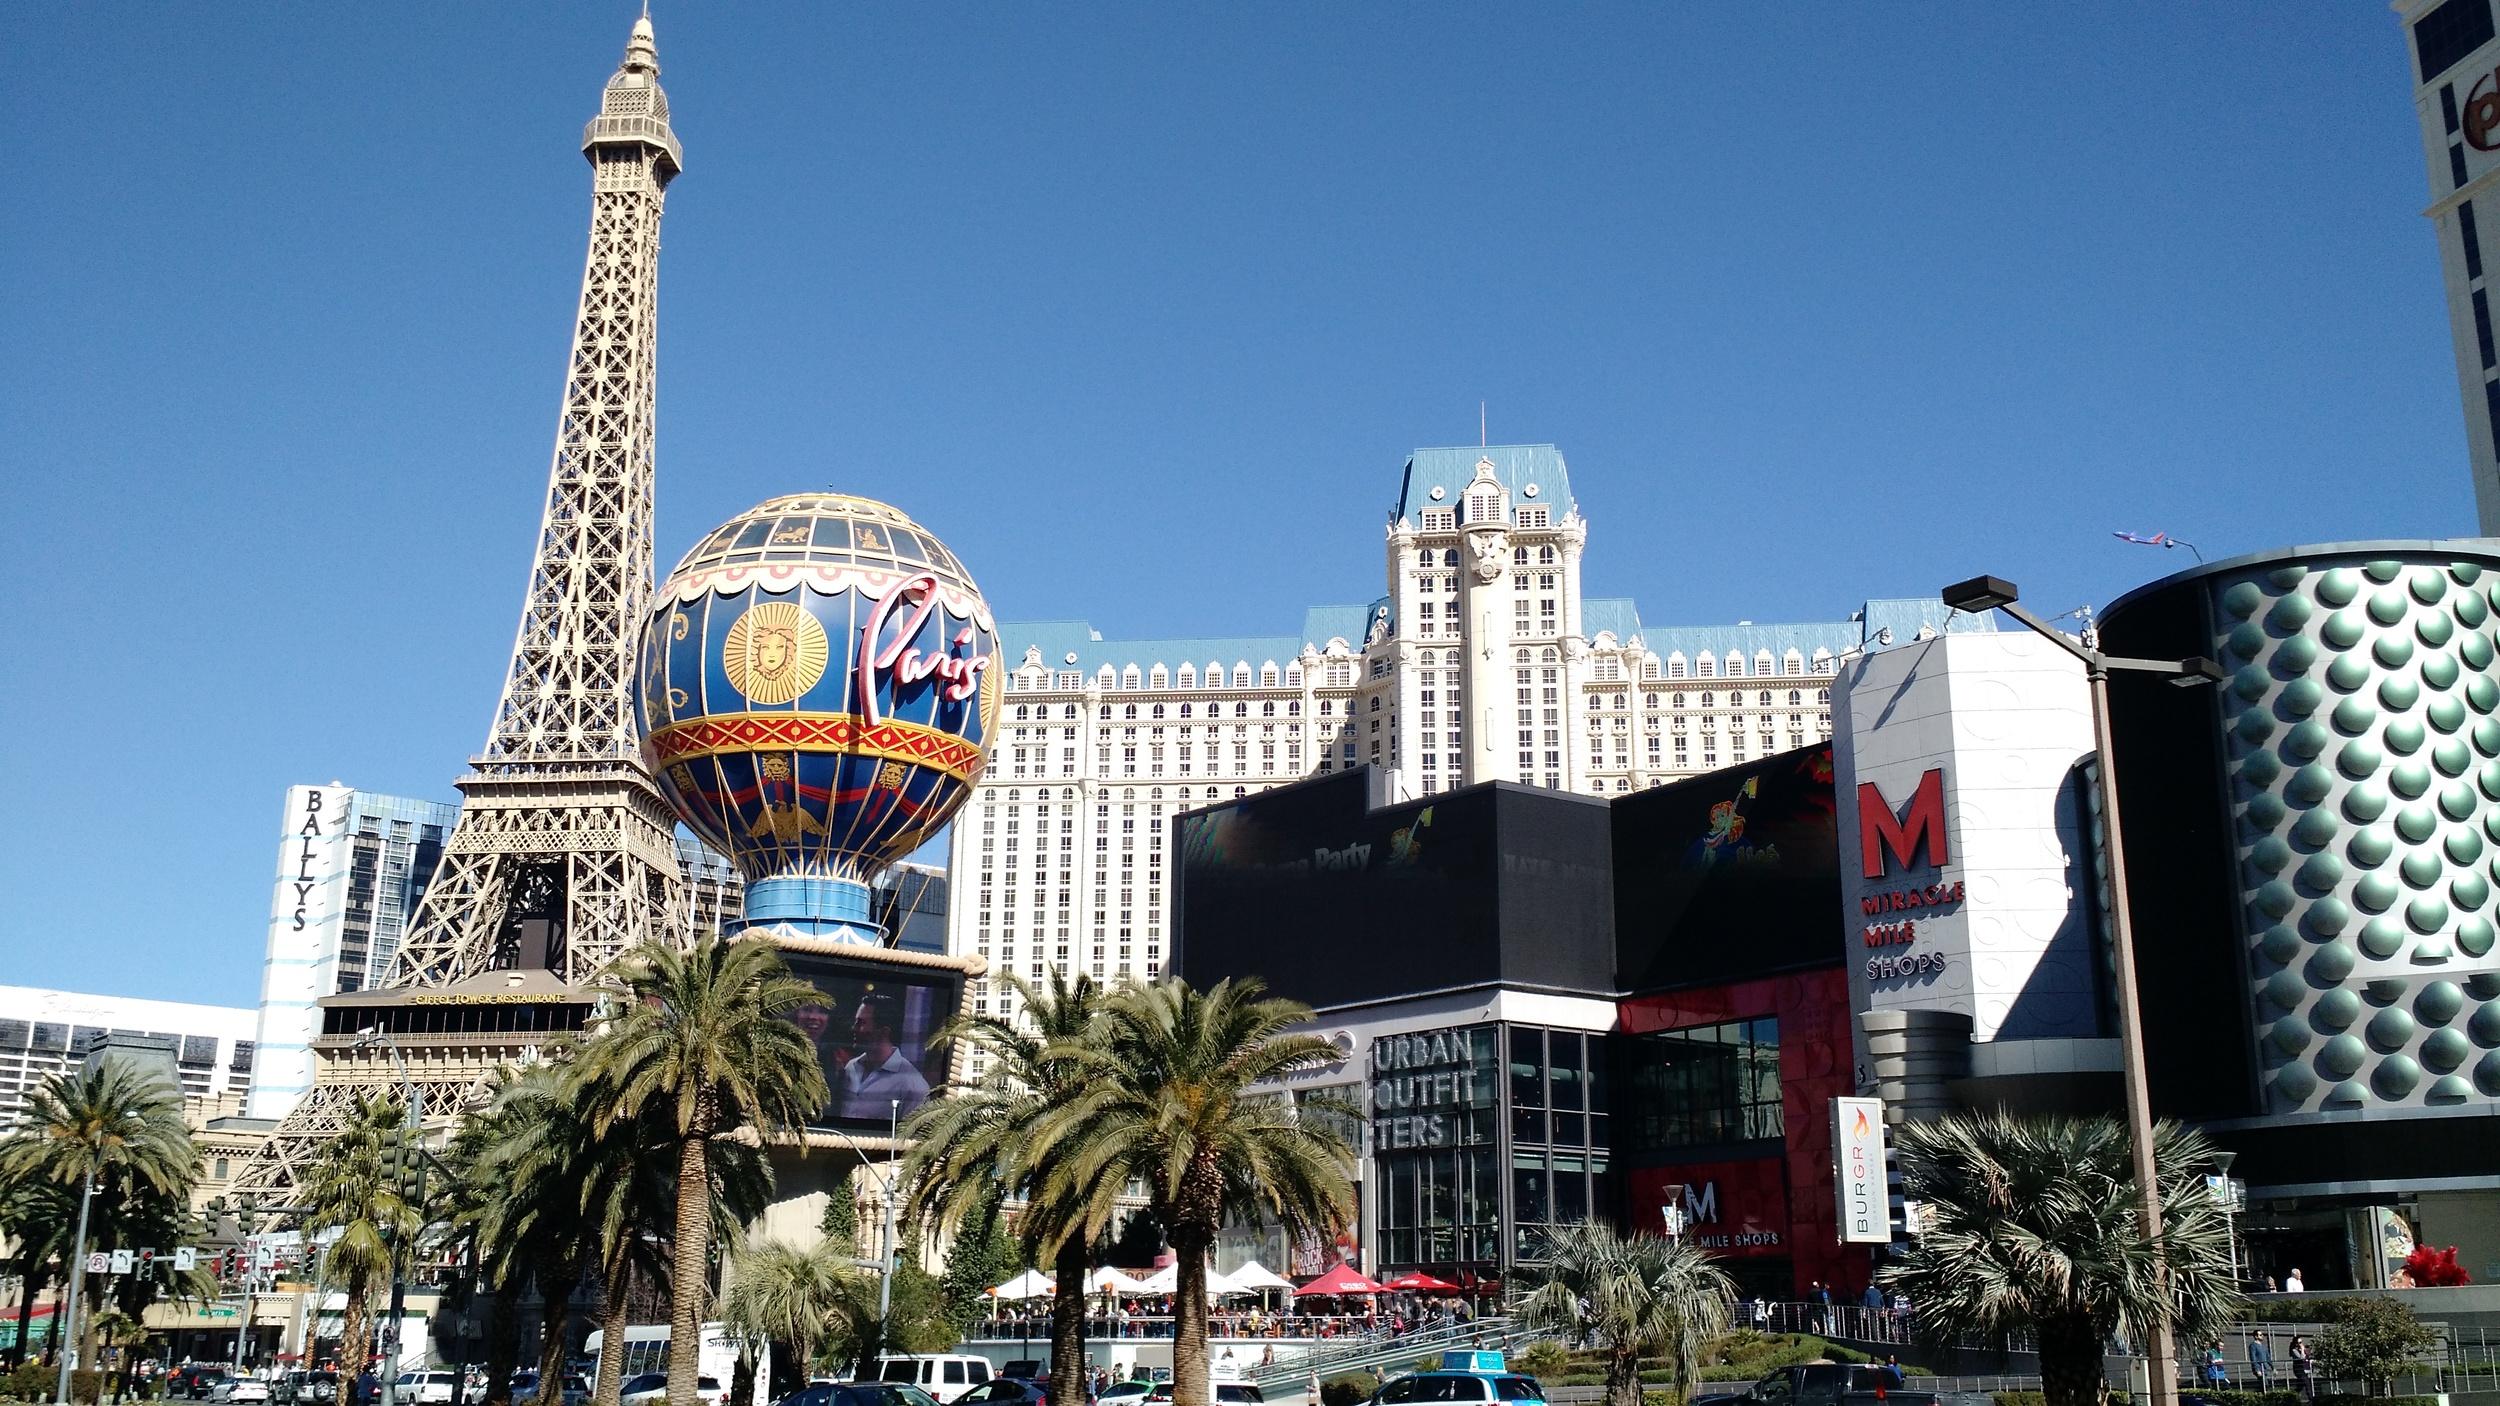 DAY 4 WALK PARIS HOTEL